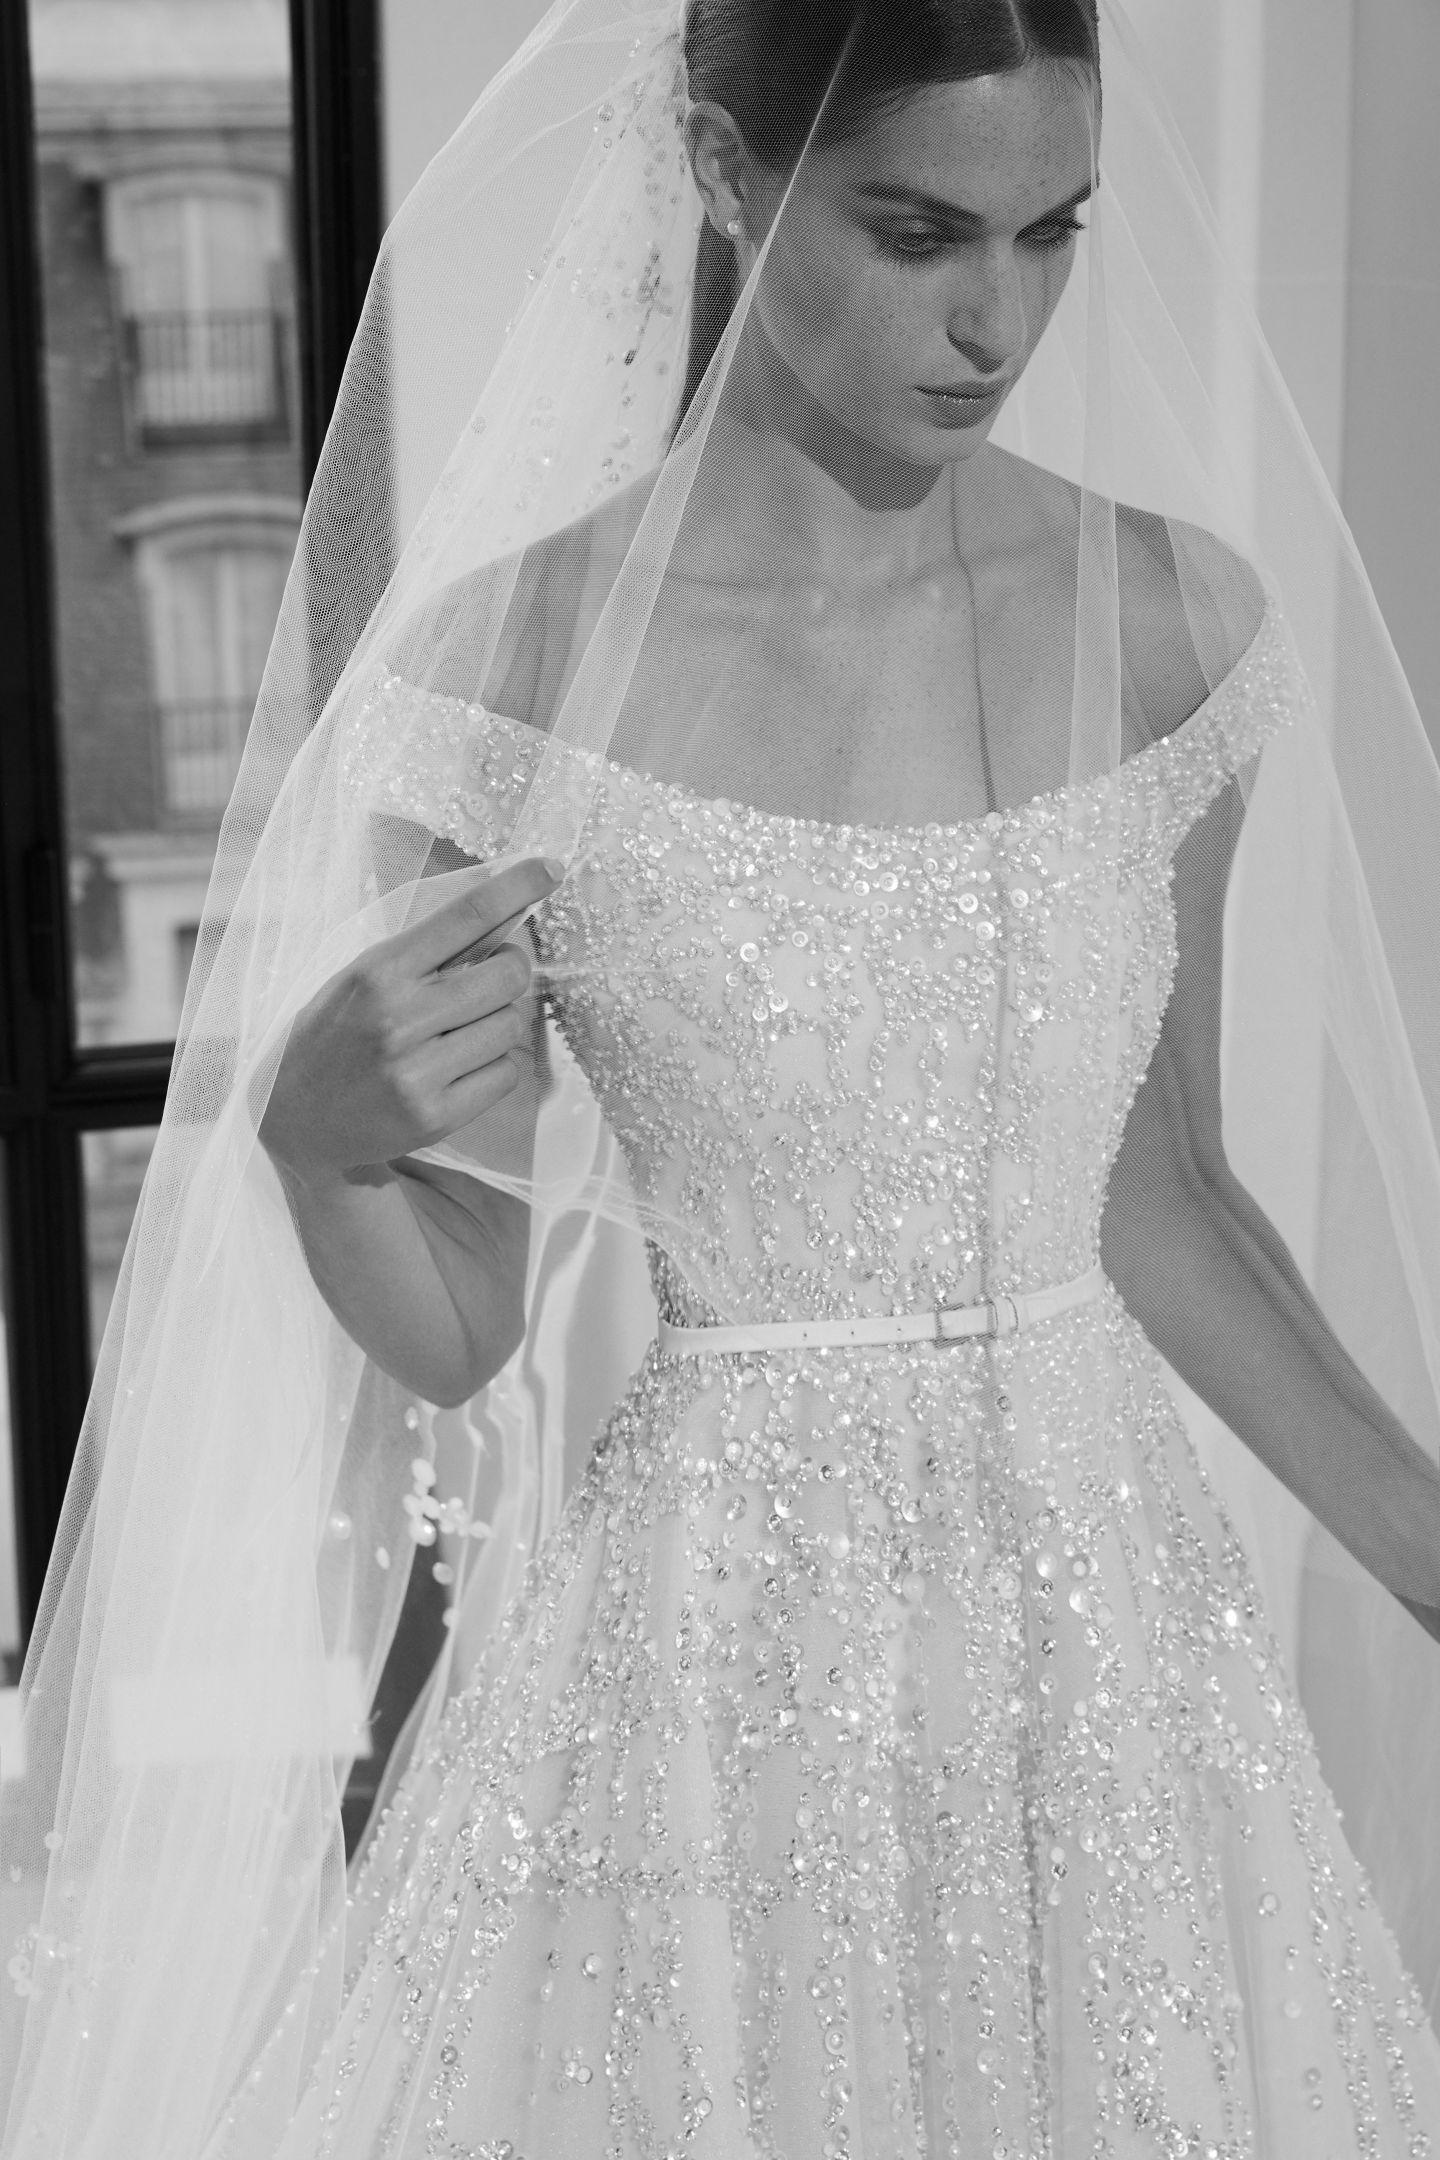 Elie Saab Elie Saab Bridal Bridal Dresses Lace Elie Saab Wedding Dress